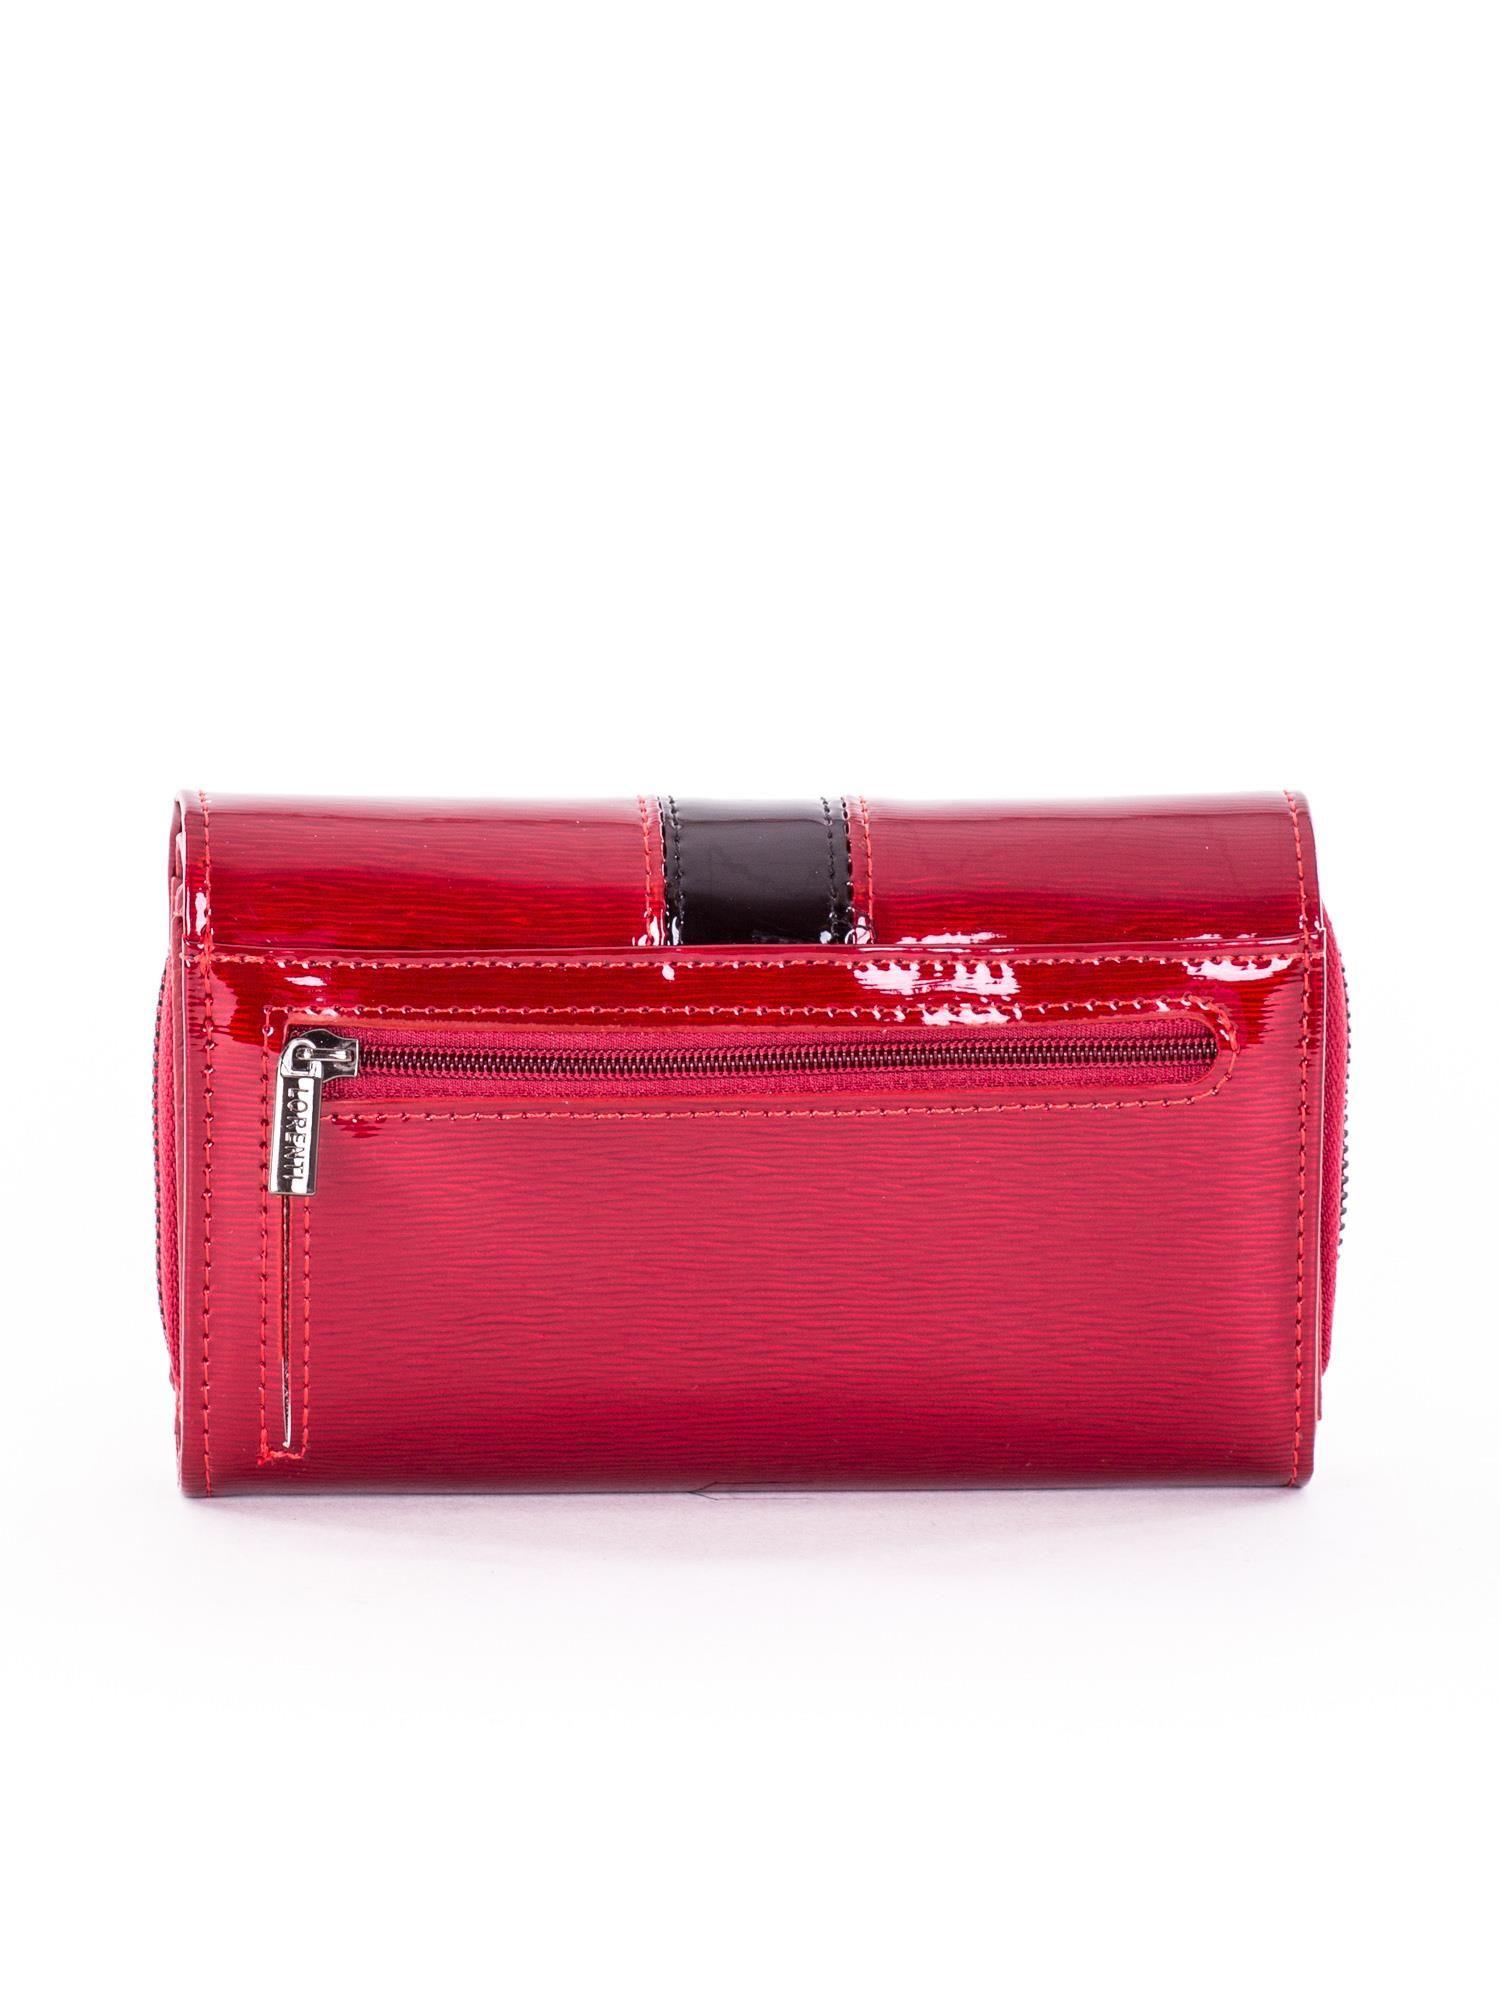 e28c4dc73c6d4 Czerwony lakierowany portfel damski z kryształkami - Akcesoria ...